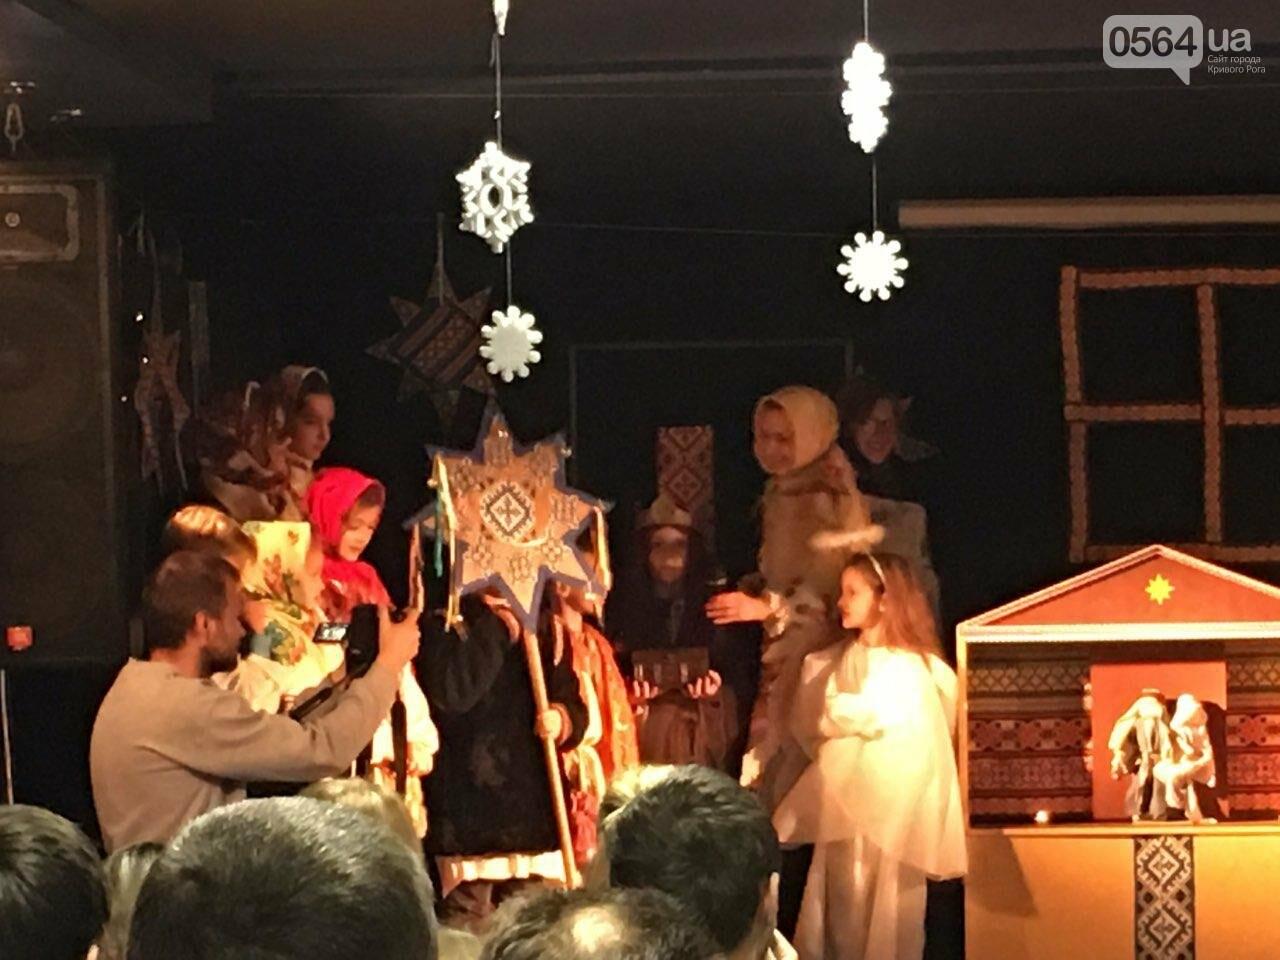 Христос рождается! В Кривом Роге показали Рождественский вертеп, - ФОТО, ВИДЕО, фото-5